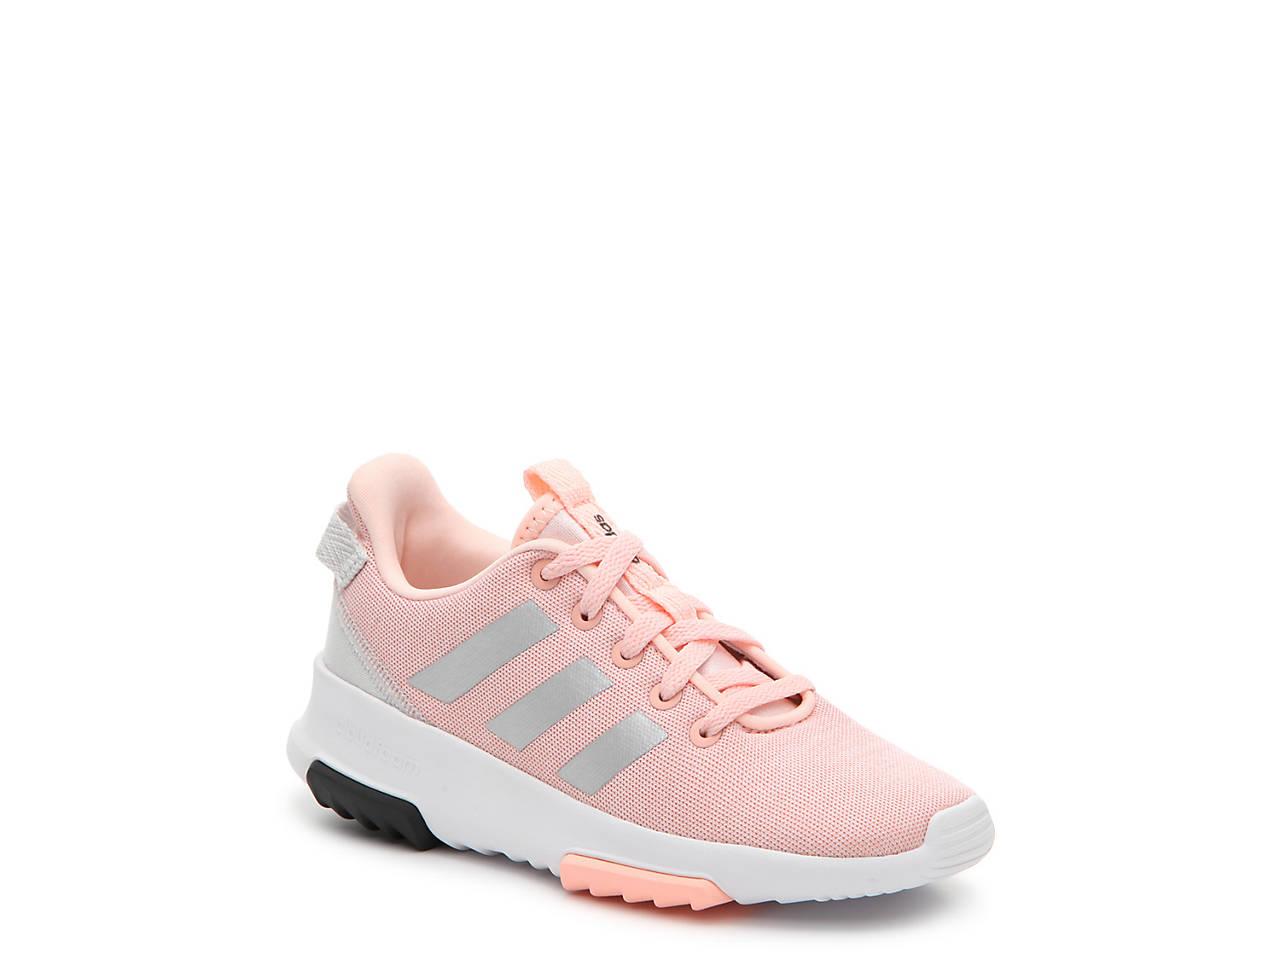 f3e8dd0b089 adidas Racer TR Sneaker - Kids' Kids Shoes | DSW